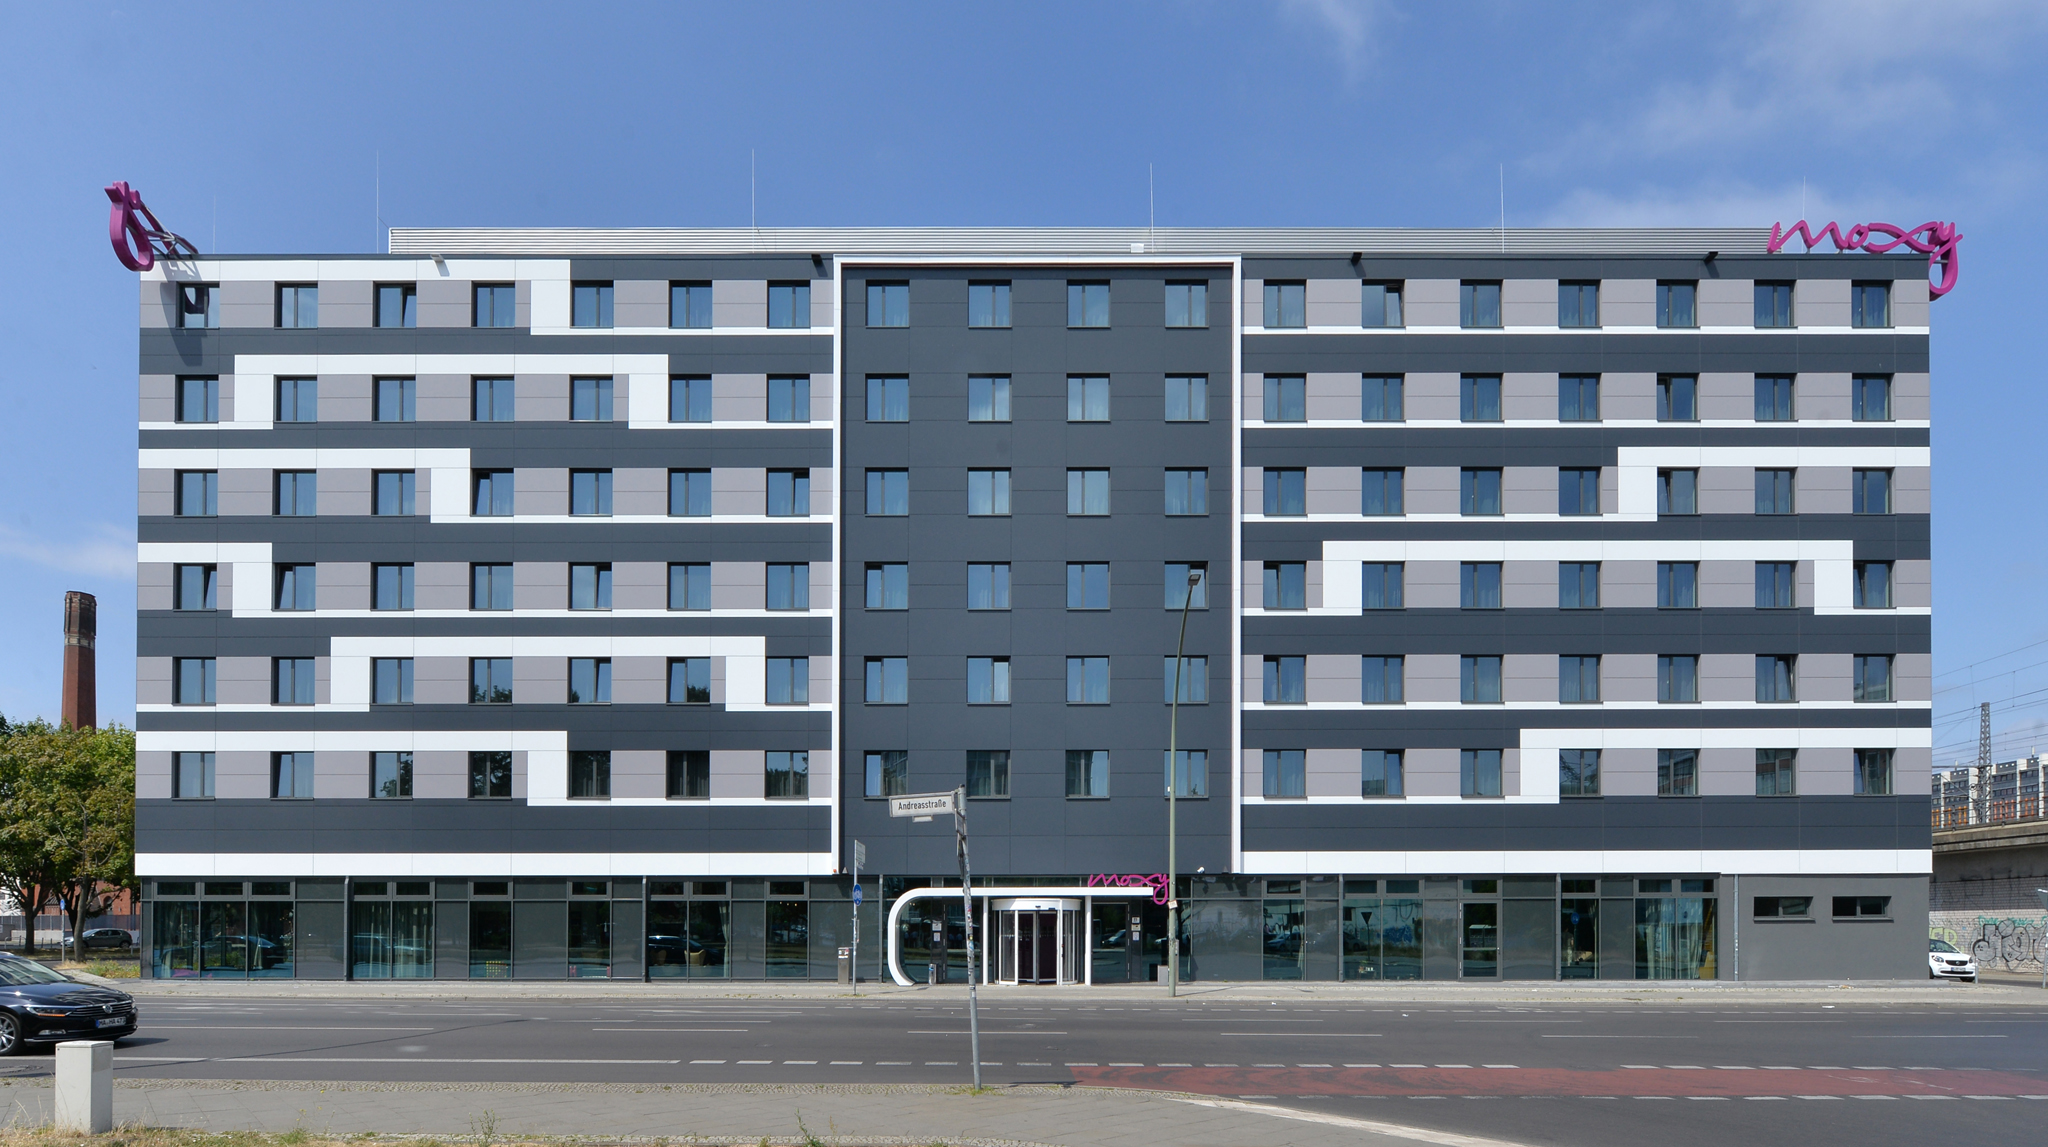 Moxy Hotel Berlin